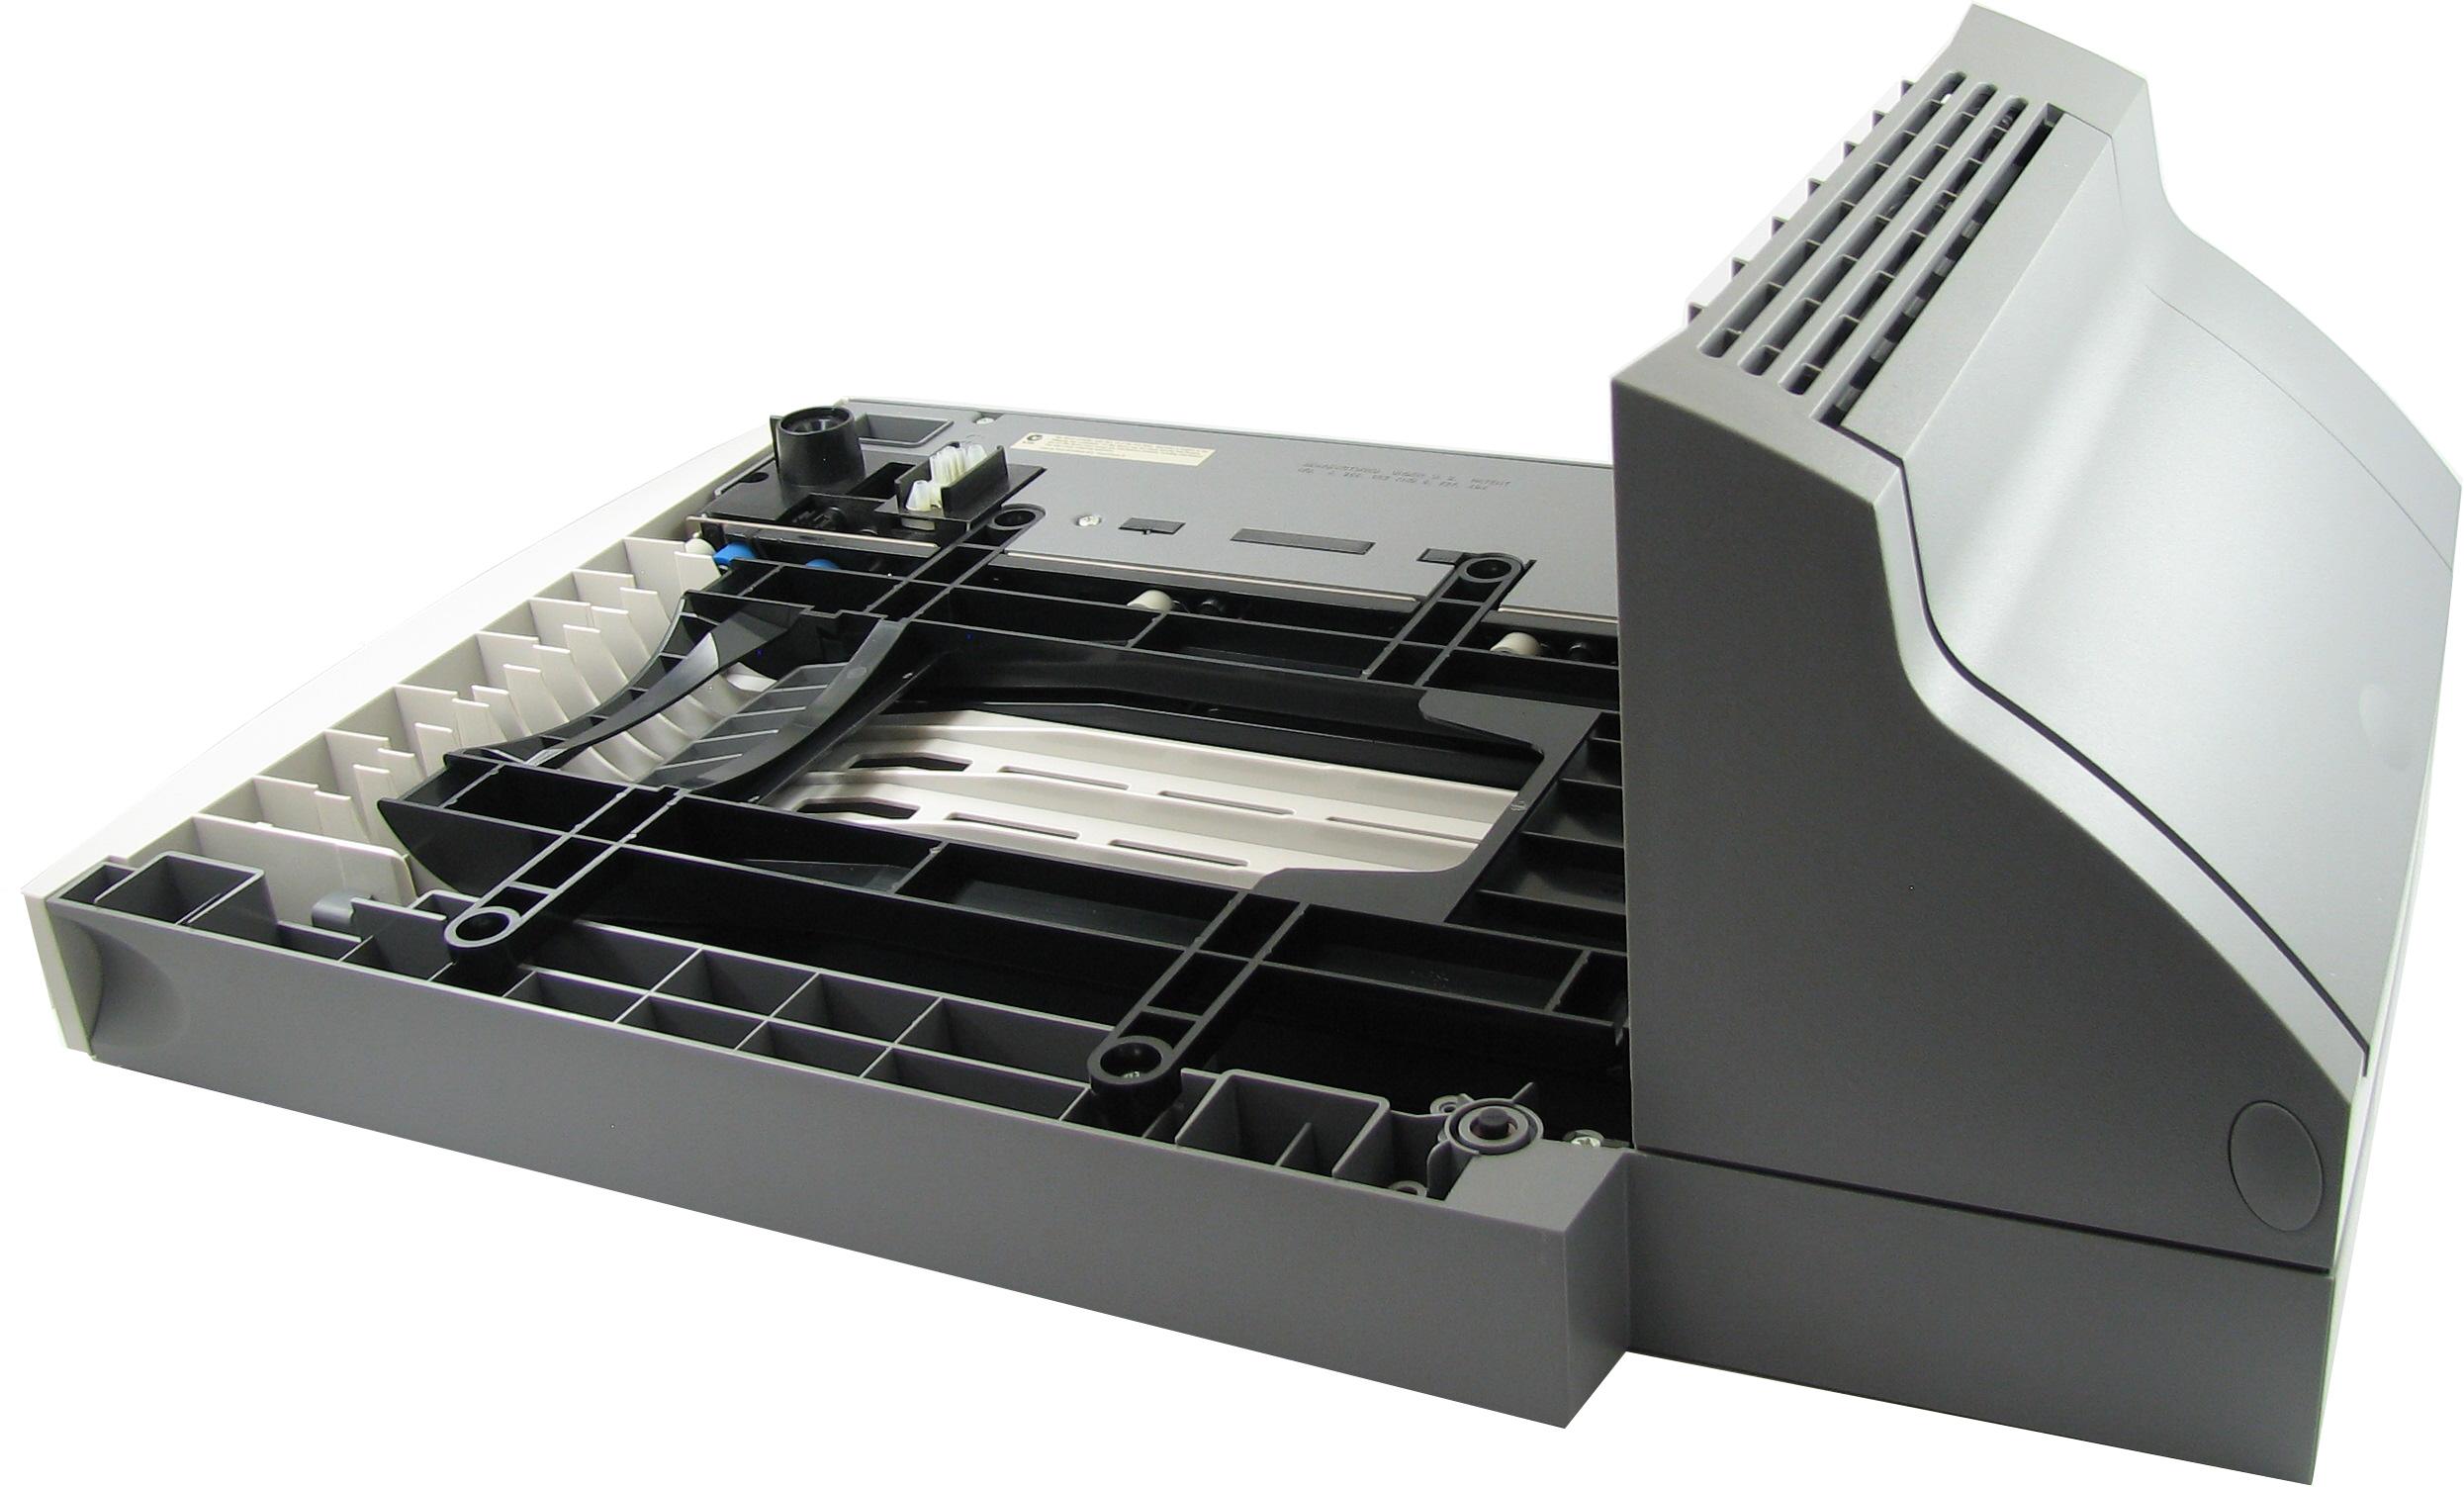 lexmark t650 t652 t654 t640 t642 t644 printers laser printer rh fastprinters com